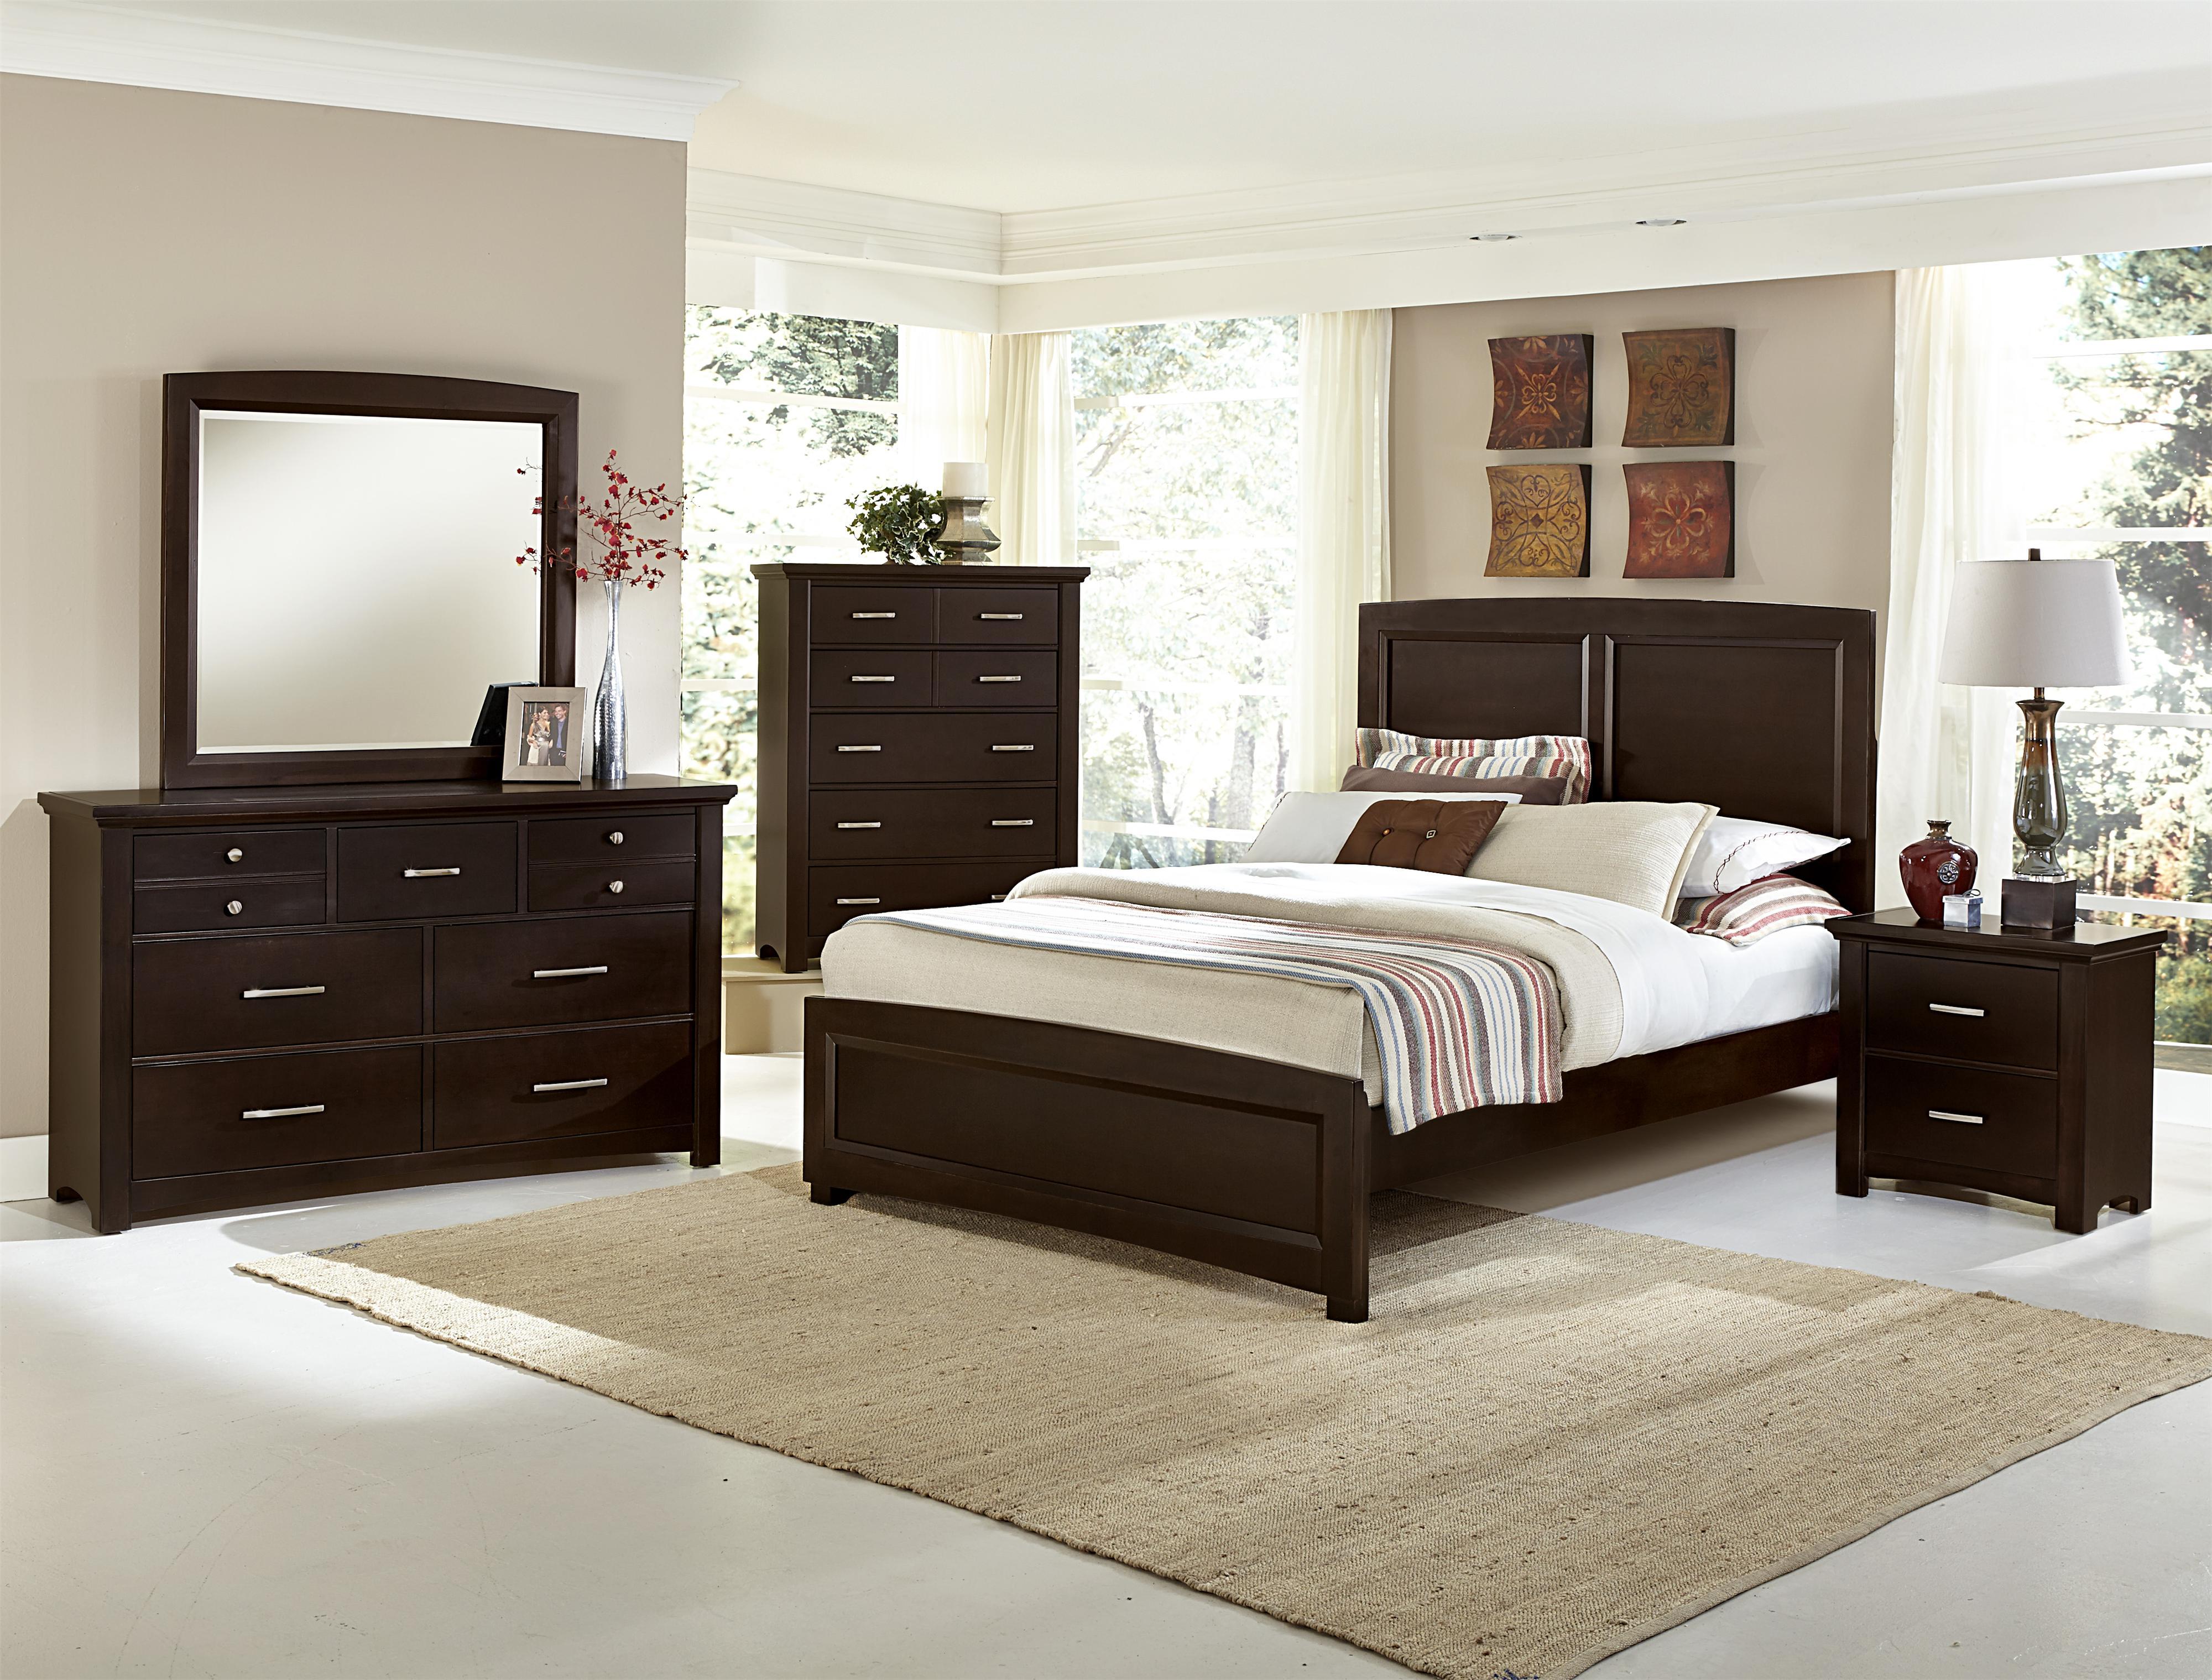 vaughan bassett transitions king bedroom group belfort furniture bedroom groups. Black Bedroom Furniture Sets. Home Design Ideas